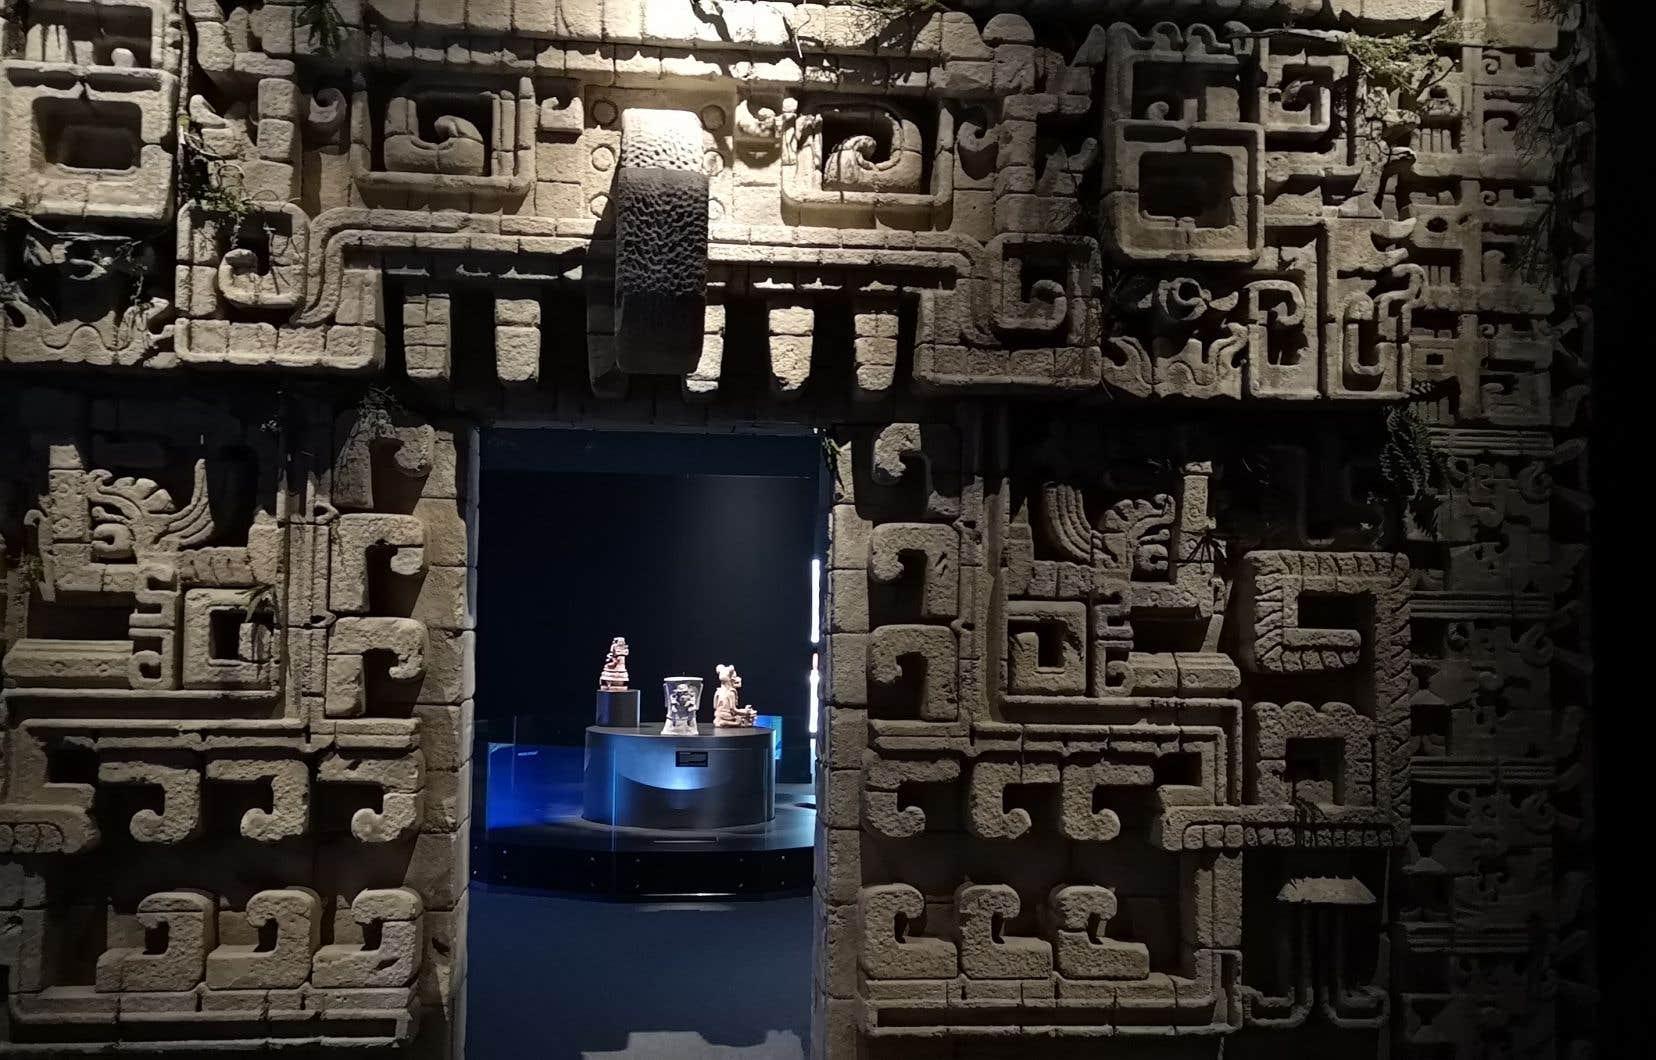 Le Musée de la civilisation rouvrira ses portes le 20 mai avec l'exposition MAYA, présentant plus de 300 artefacts provenant du Guatemala — dont la plupart n'avaient encore jamais quitté le pays.